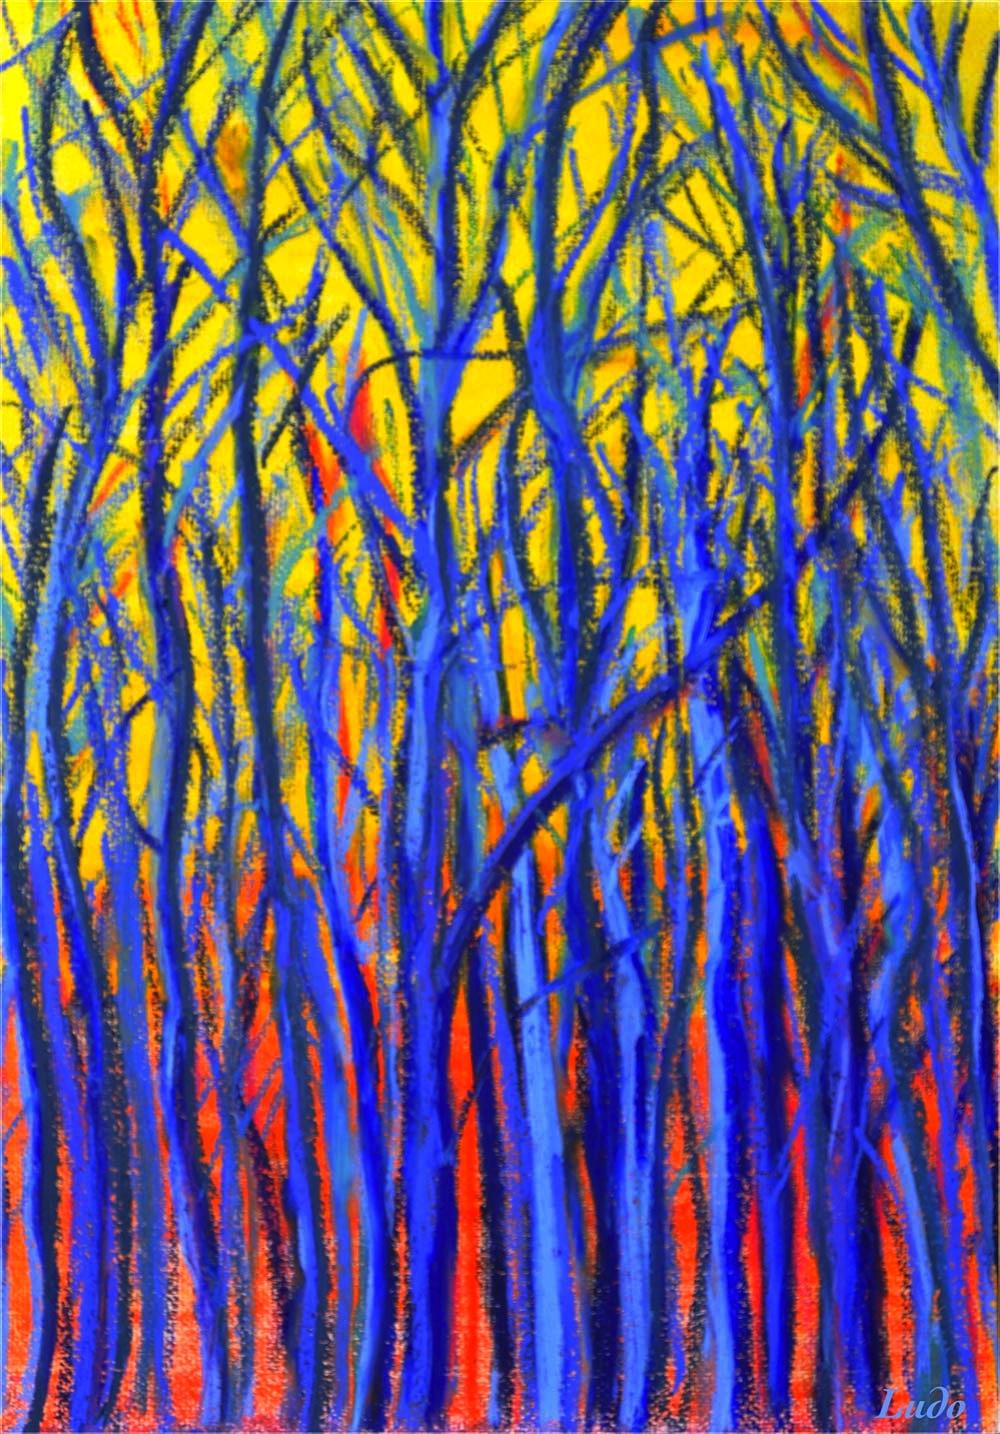 Forêt, Lahonce, no. 5. Pastel à l'huile sur papier, 42x30, 2015